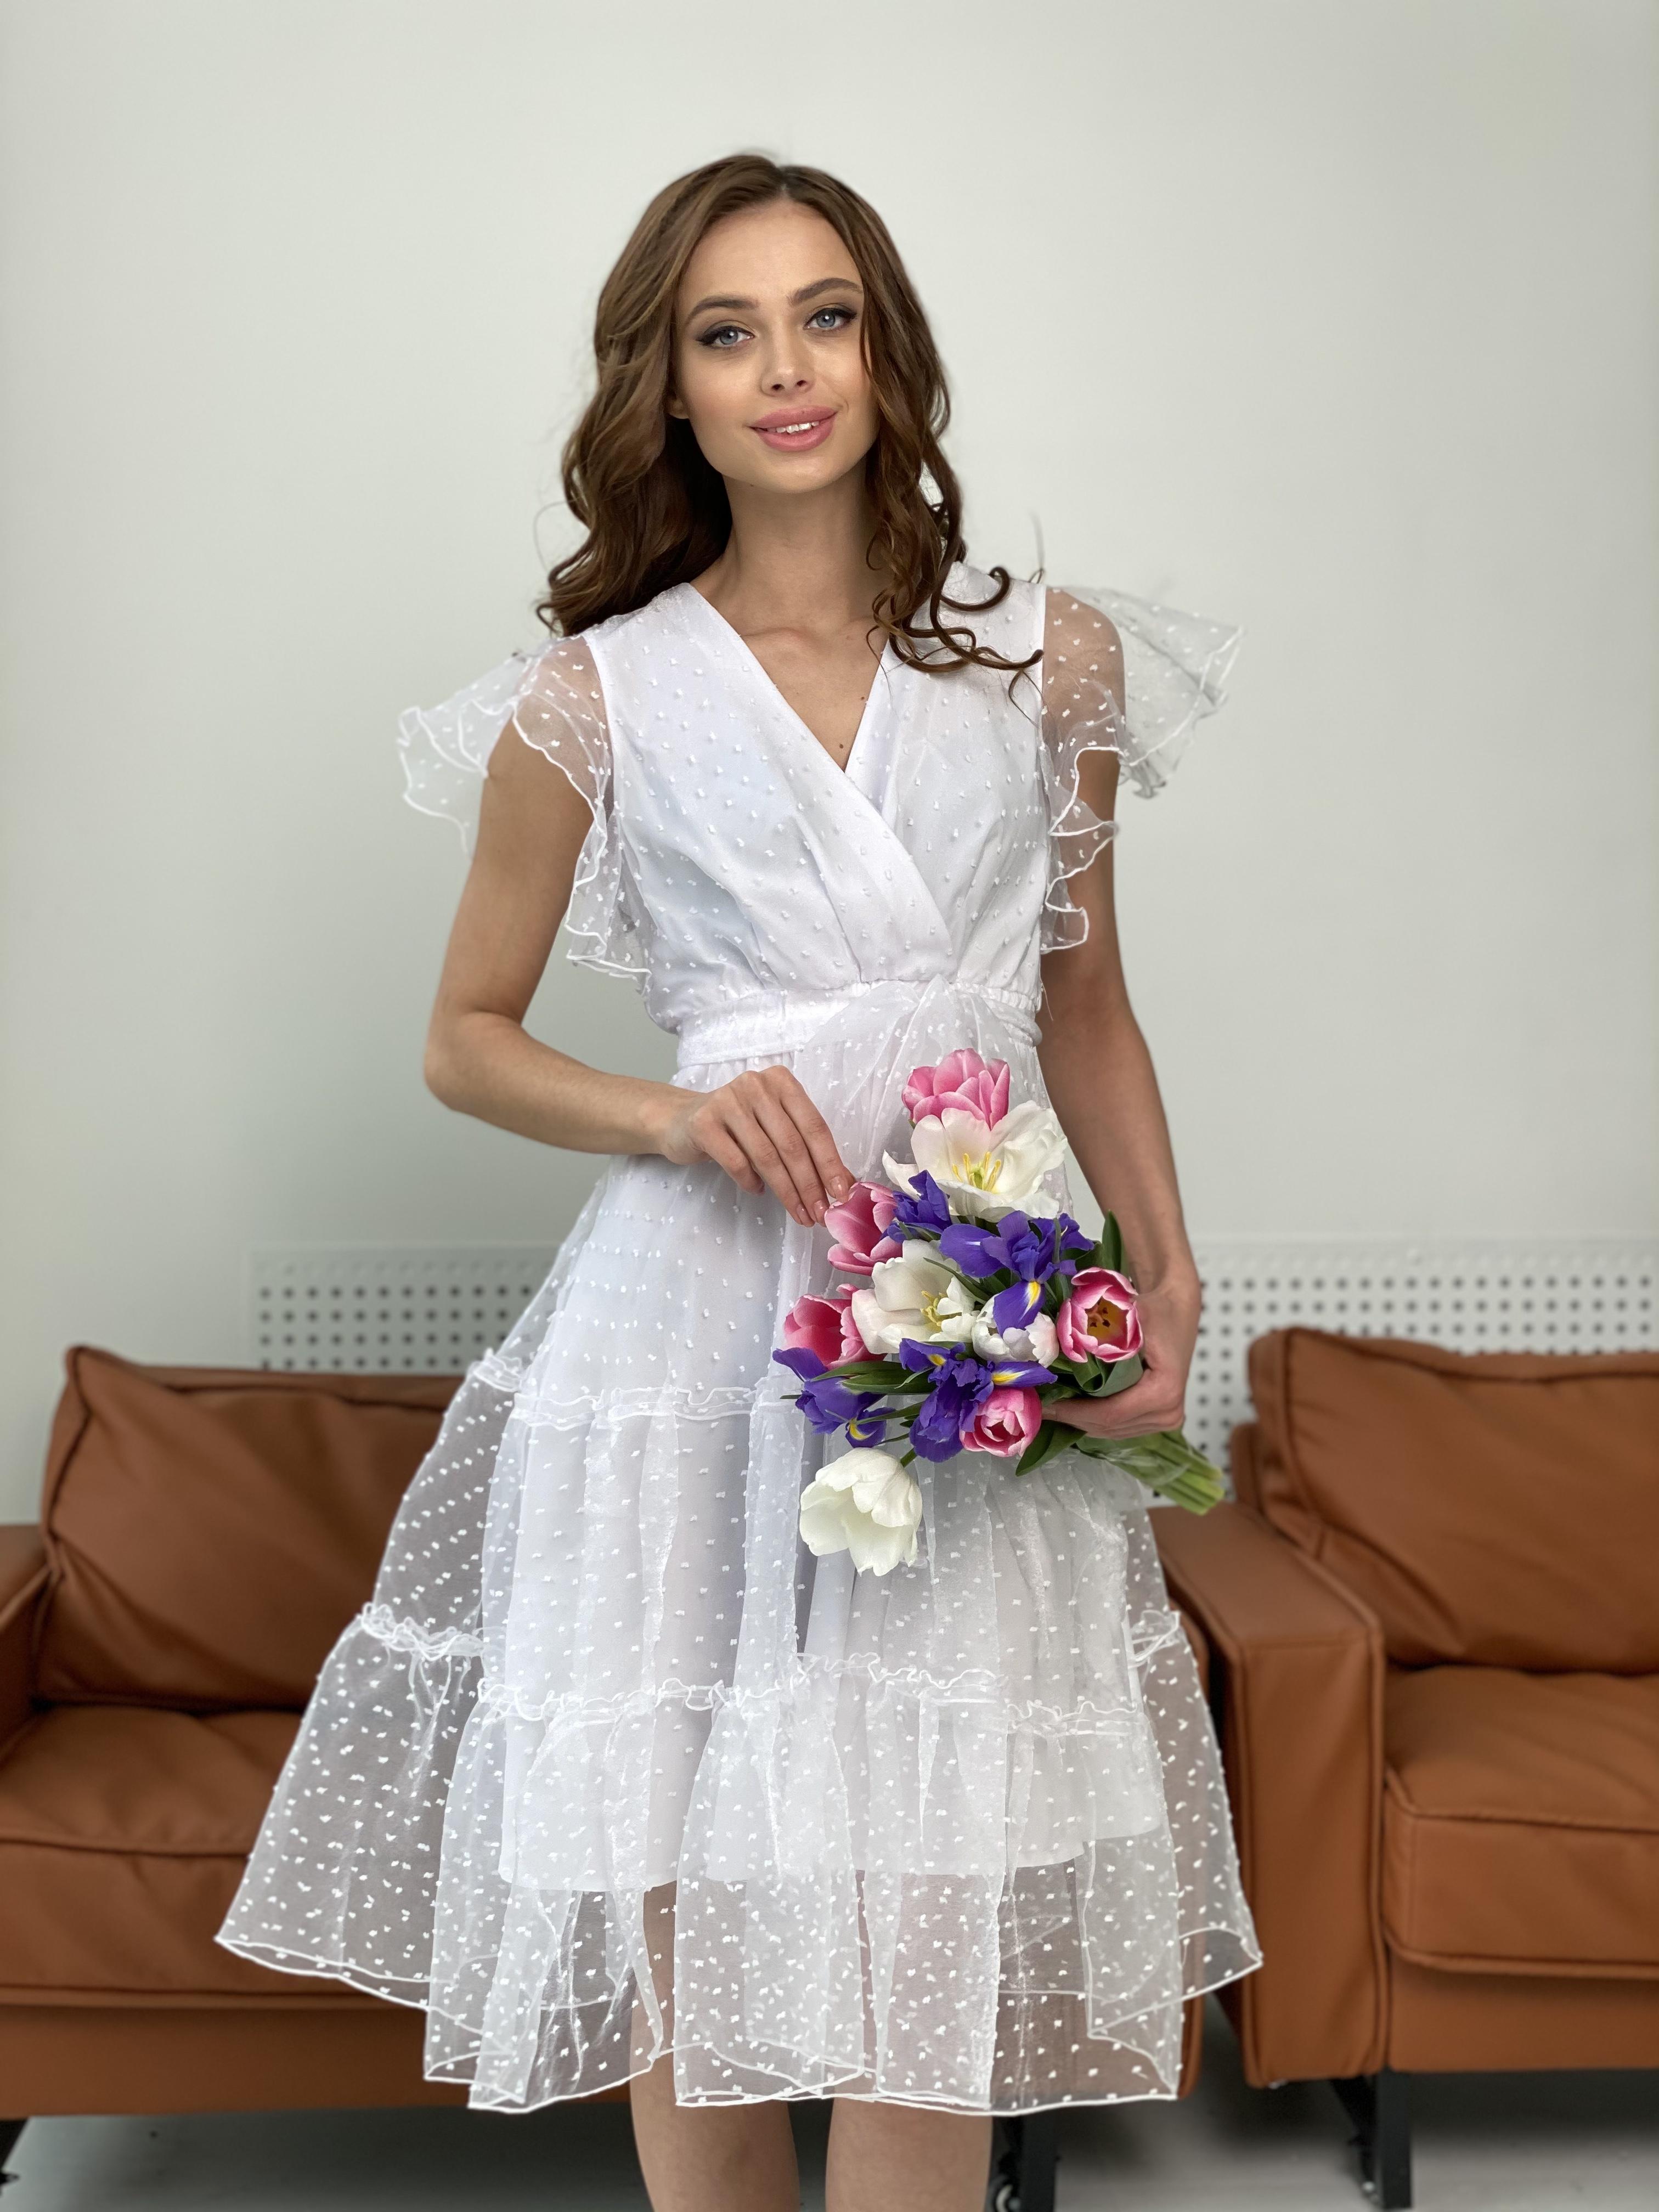 Манана платье из органзы  9101 АРТ. 45422 Цвет: Белый - фото 11, интернет магазин tm-modus.ru